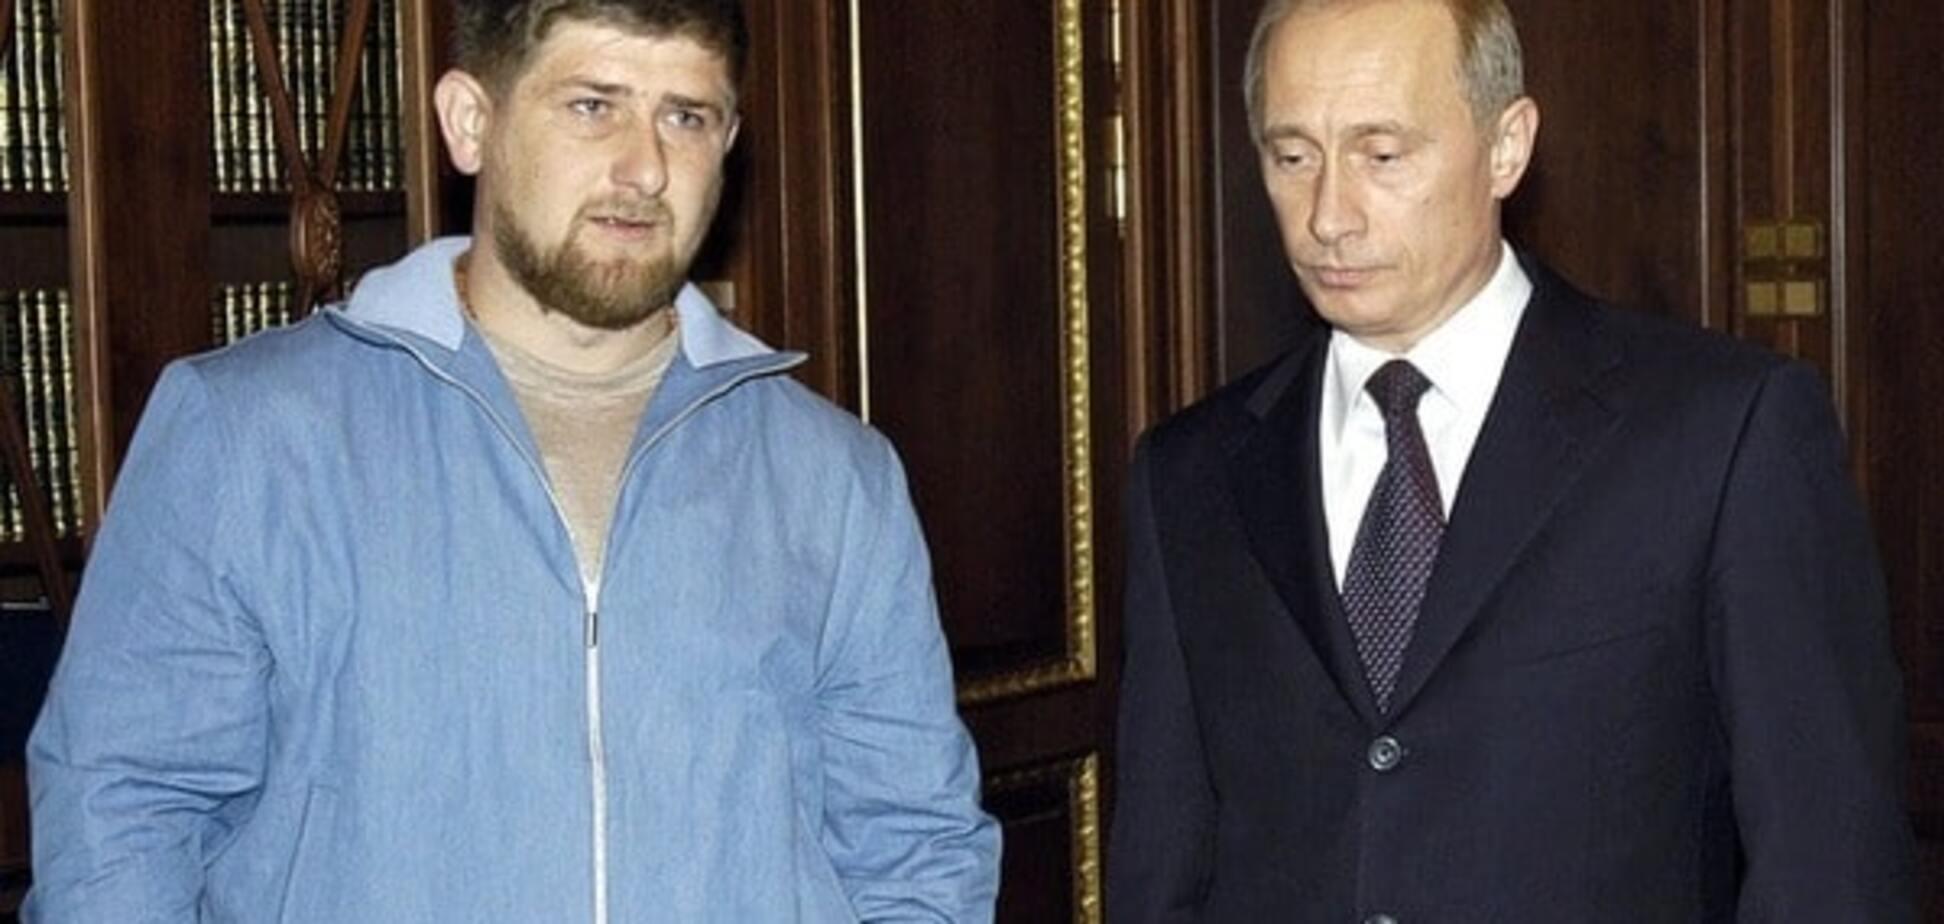 Сванидзе: Кадыров - вассал Путина, который забегает впереди вожака стаи